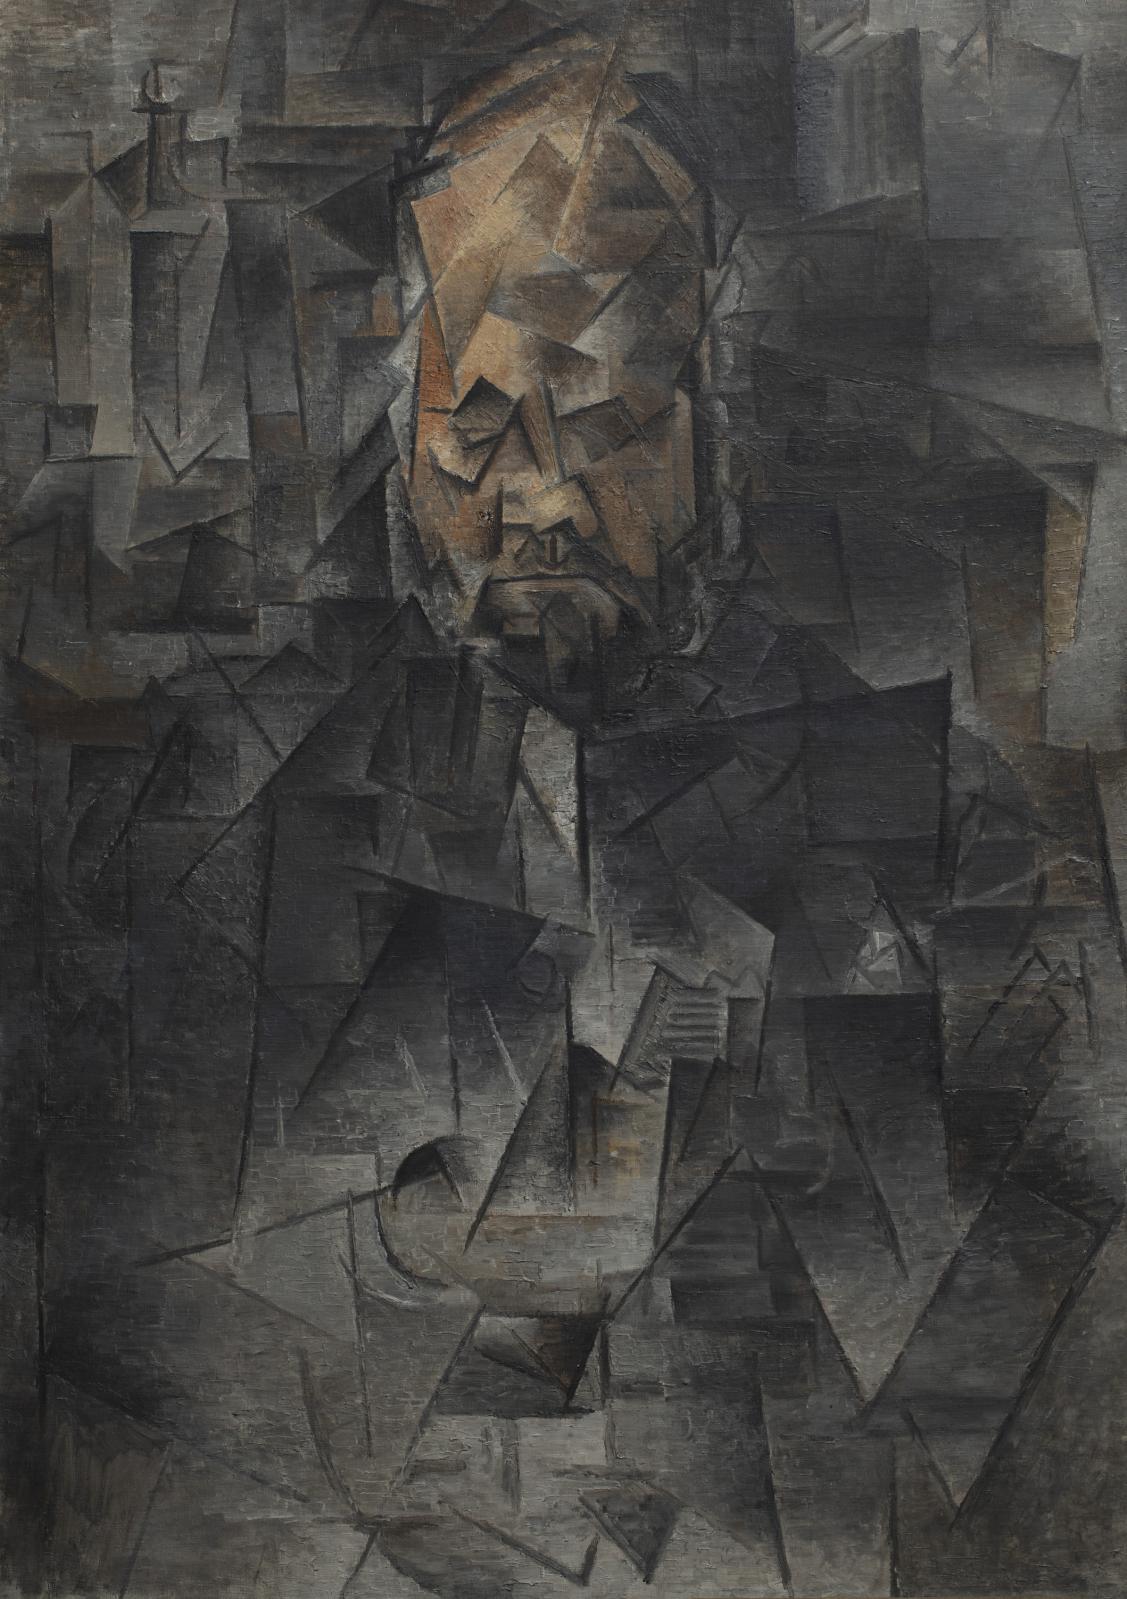 Pablo Picasso (1881-1973), Portrait d'Ambroise Vollard, 1910, huile sur toile, 93x66cm, musée d'État des beaux-arts Pouchkine, Moscou.